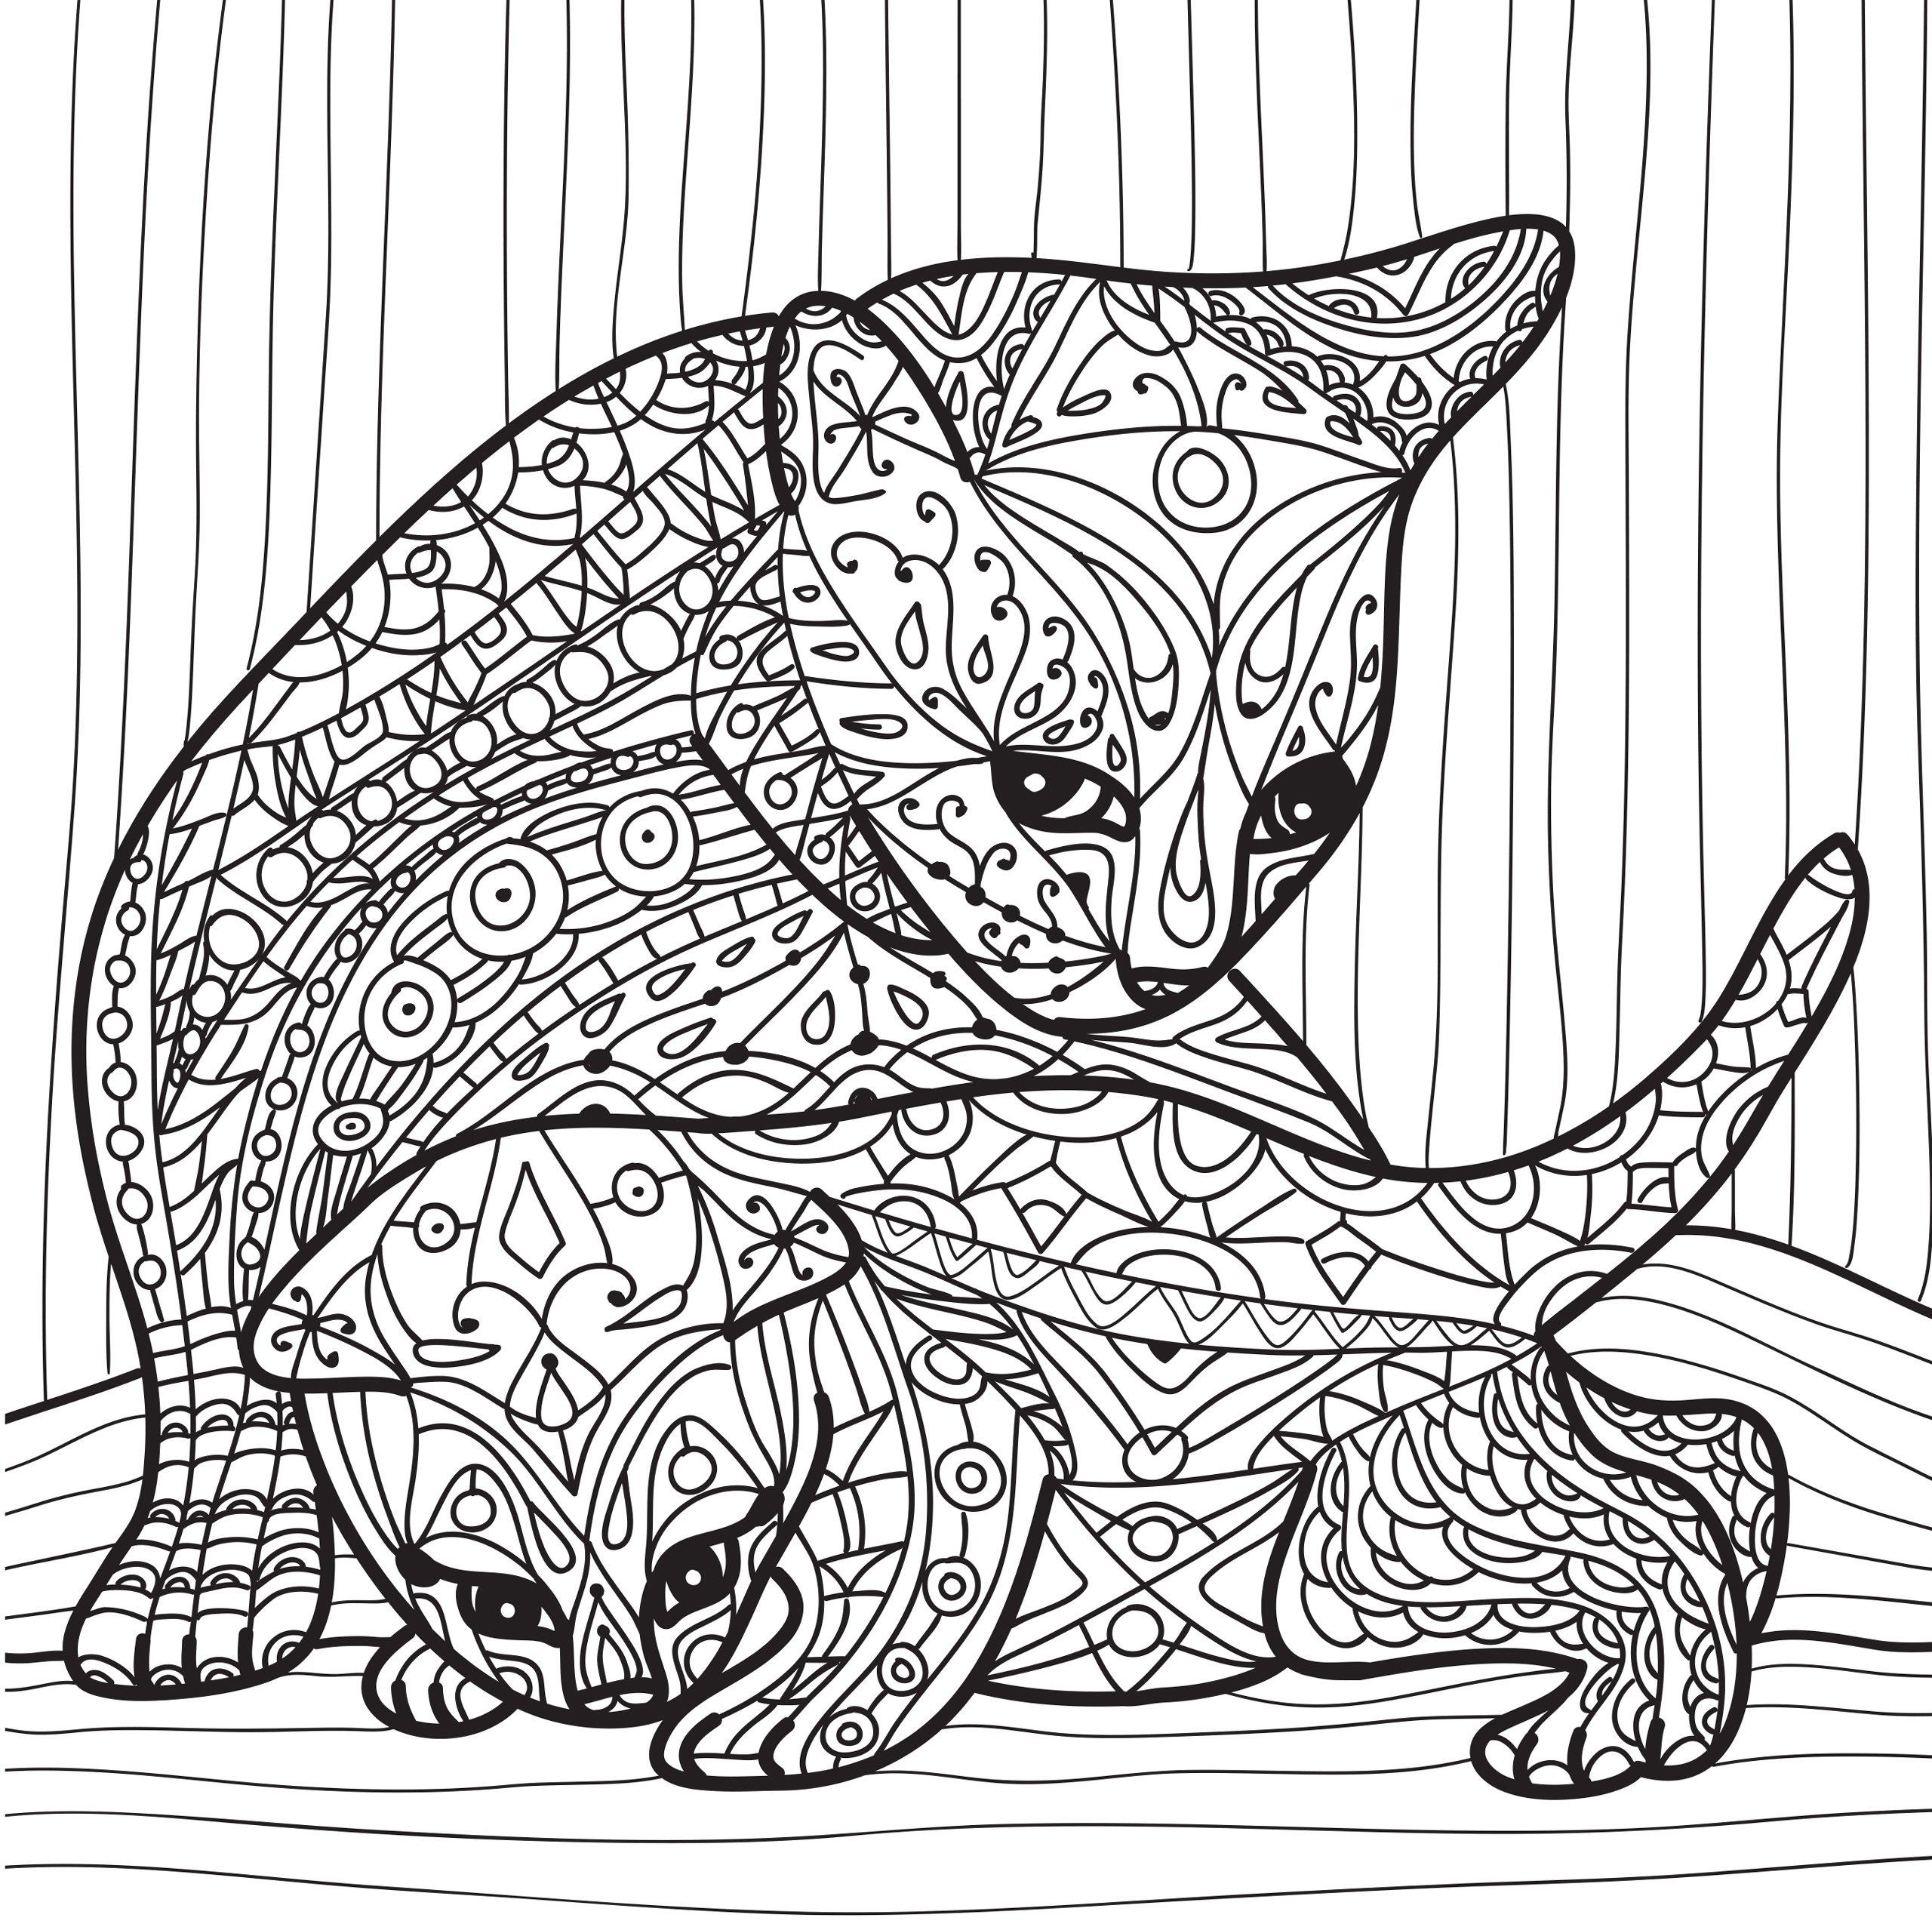 Раскраски антистресс «Кошка с котенком», чтобы распечатать